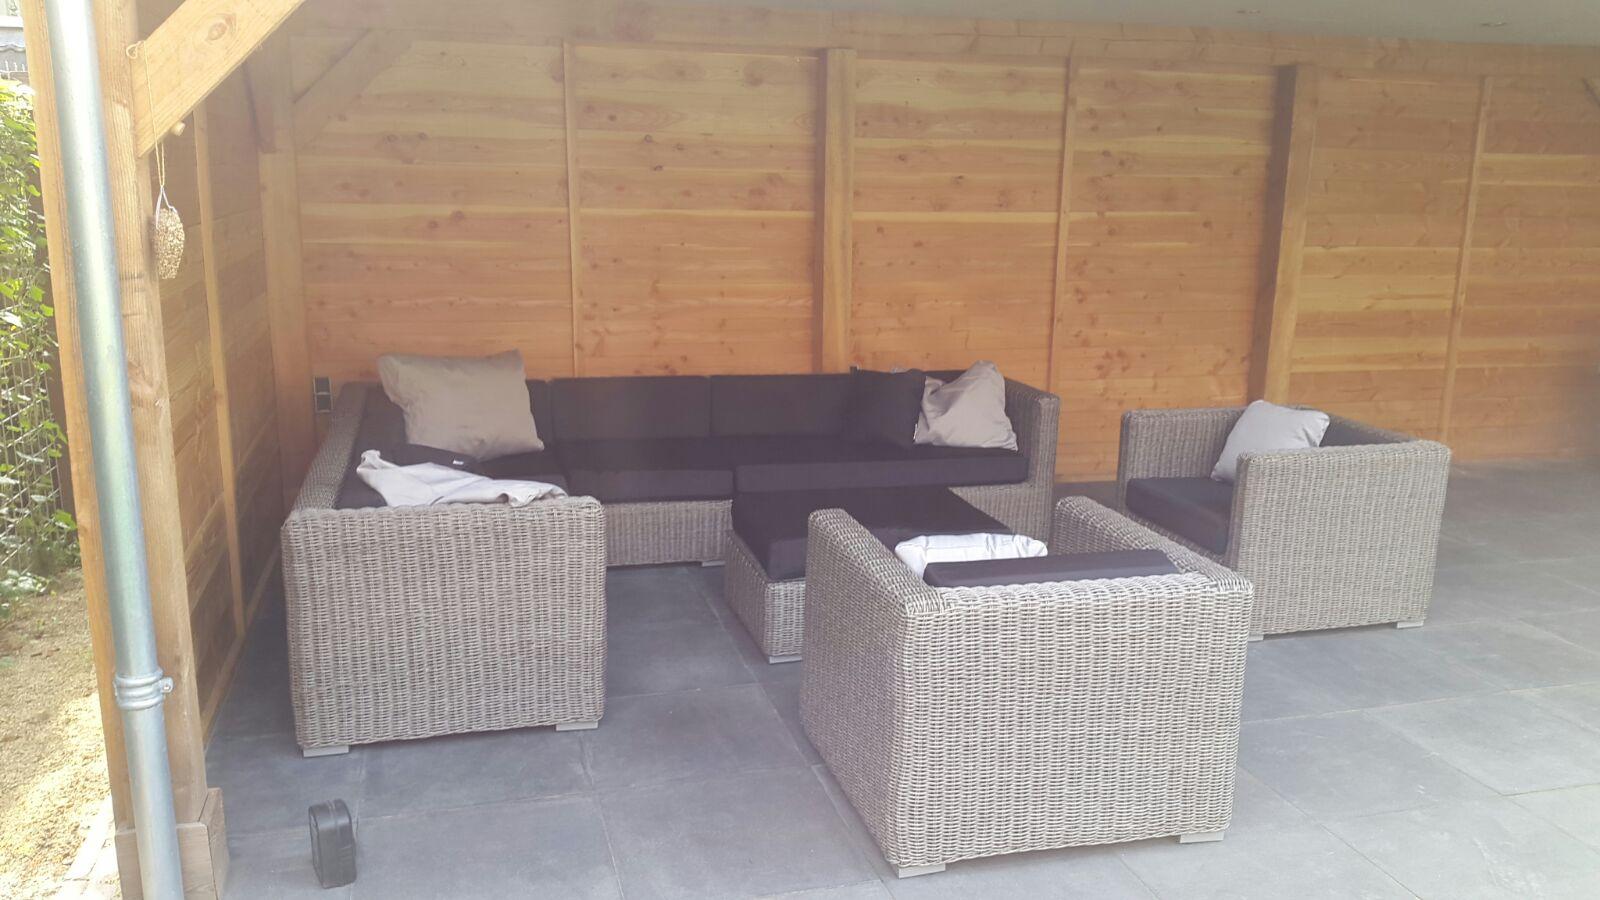 Marokkaanse slaapkamer - Lounge grijs en paars ...